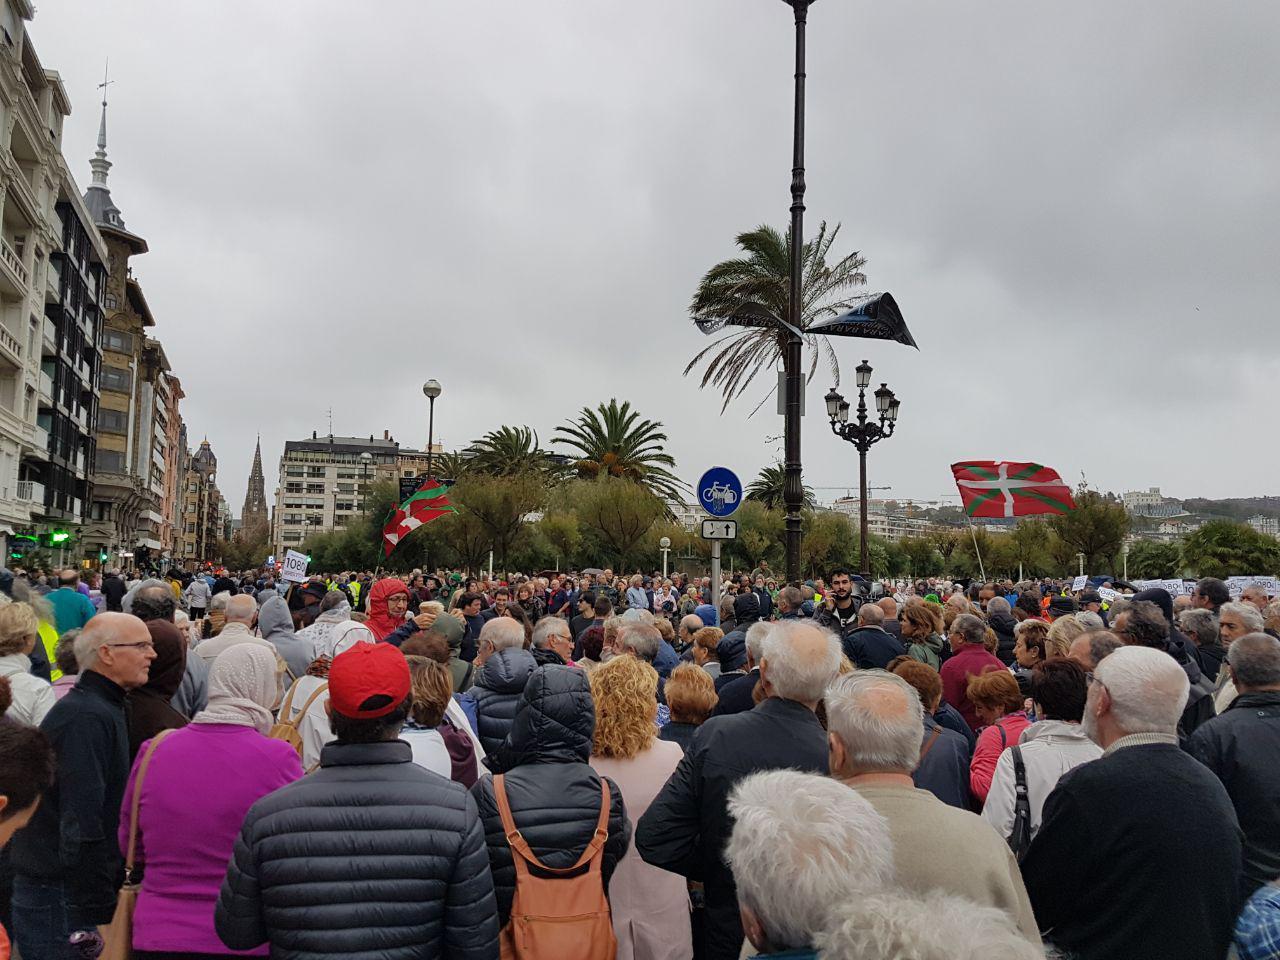 Miles de personas vuelven a llenar las calles en defensa de las pensiones públicas dignas.